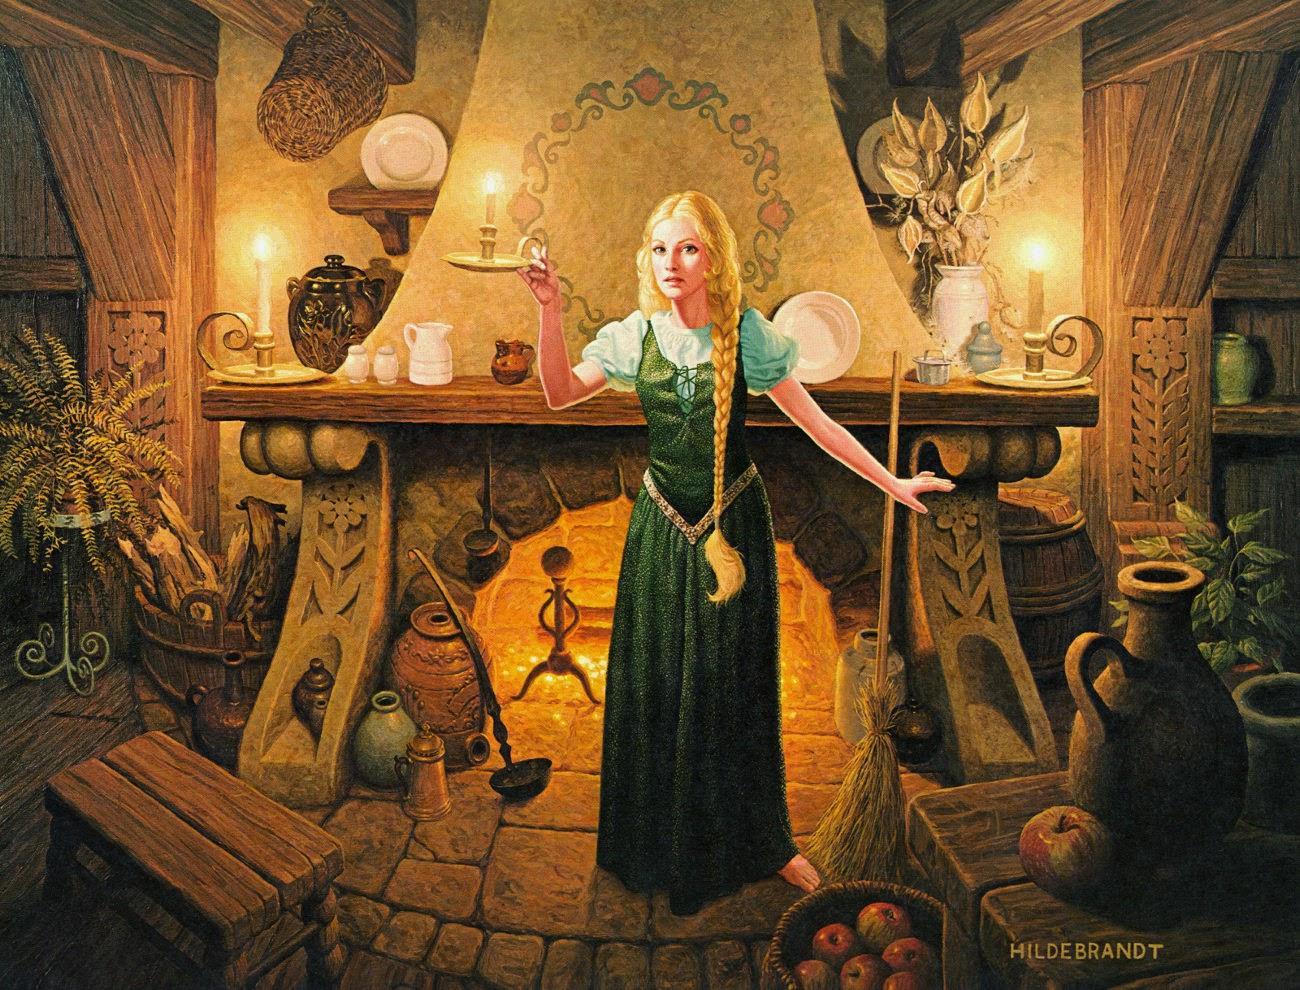 La festa di bilbo la tavola di tom bombadil e la birra del puledro impennato pane focolare - A tavola con gli hobbit pdf ...